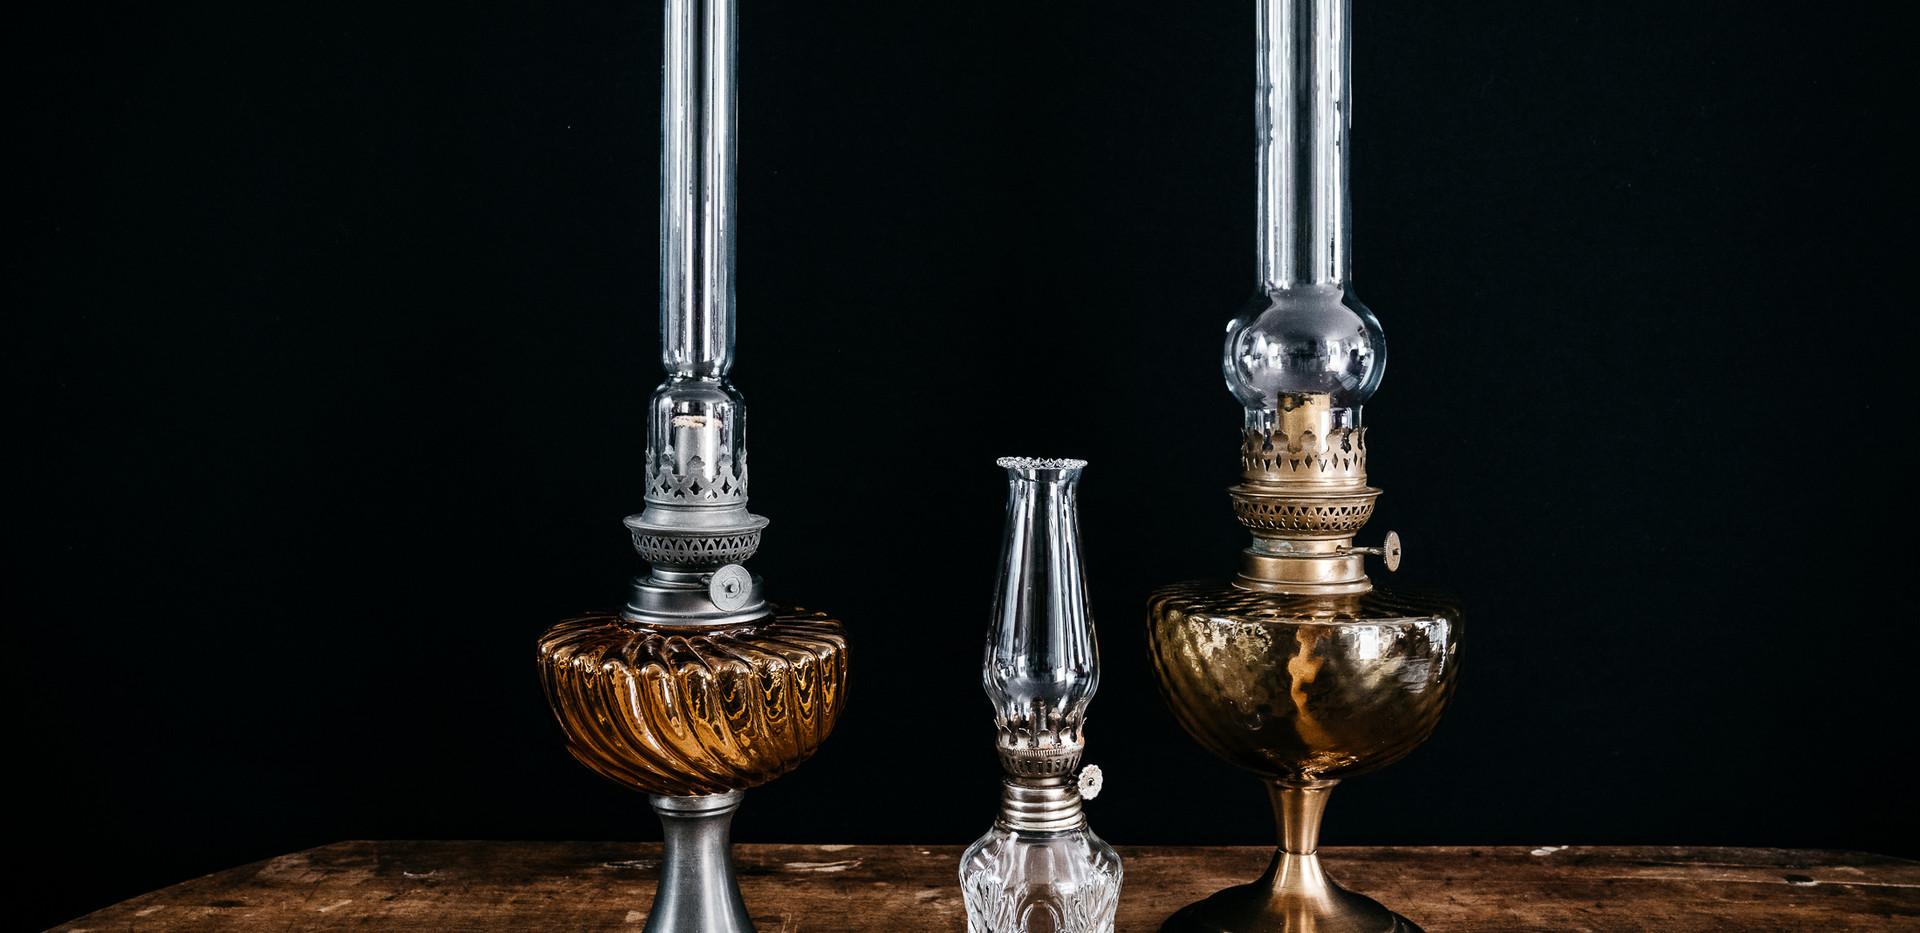 Lampes à huile - Photo ©Ludozme